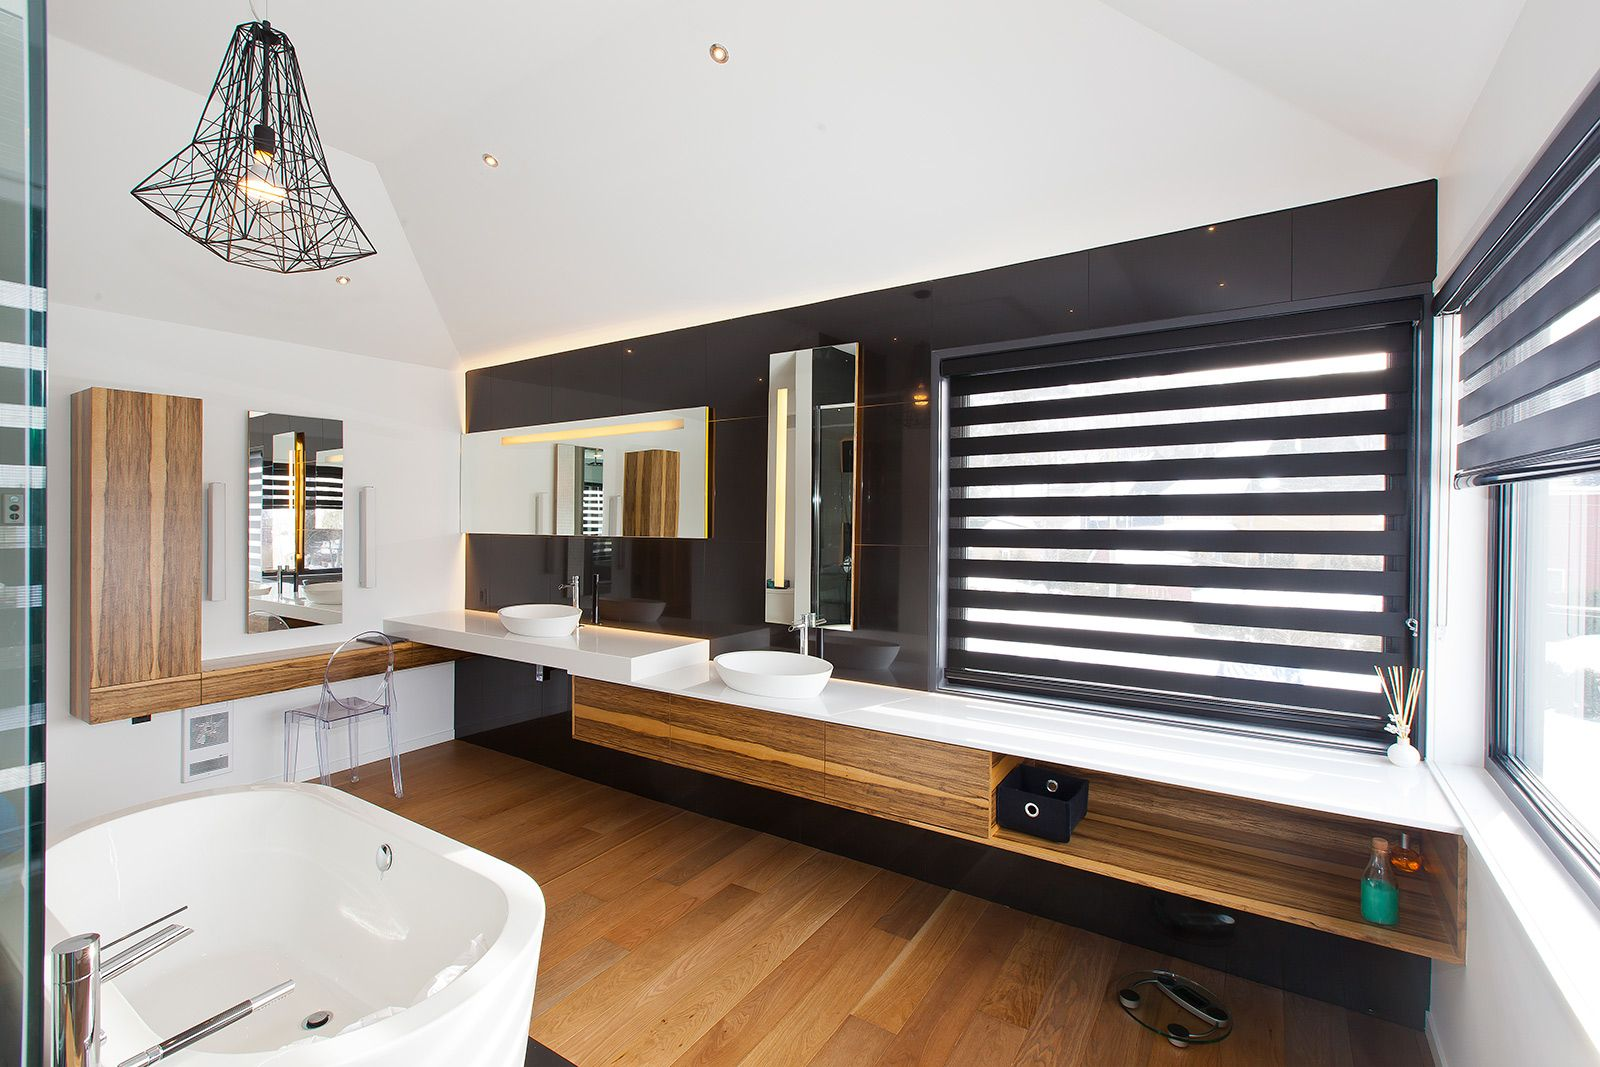 Salle de bains moderne griffe cuisine - Decore salle de bain 2014 ...